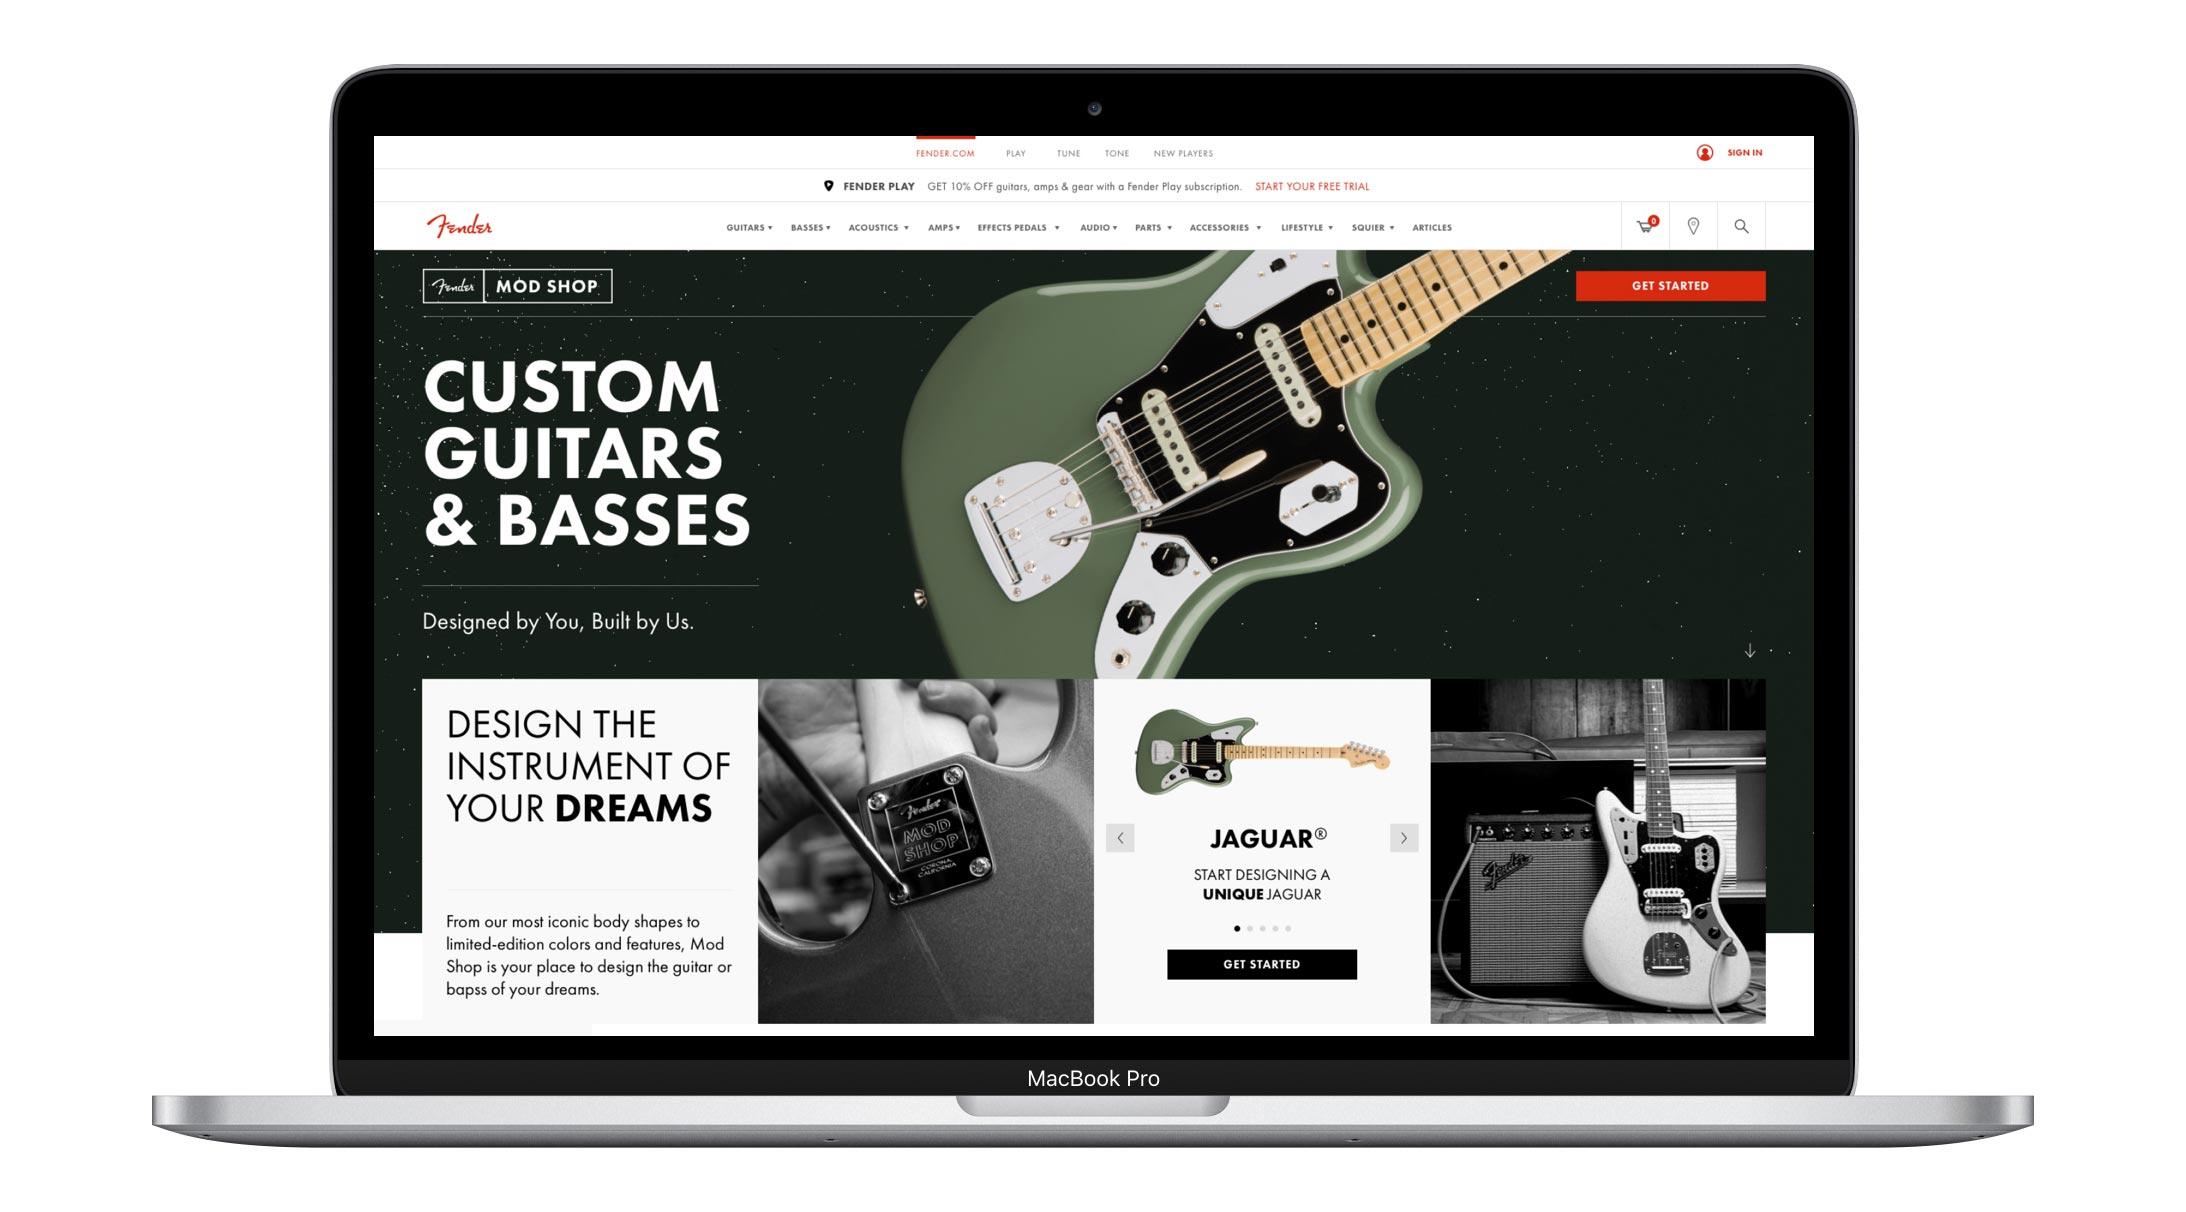 Fender Mod Shop homepage on Fender.com